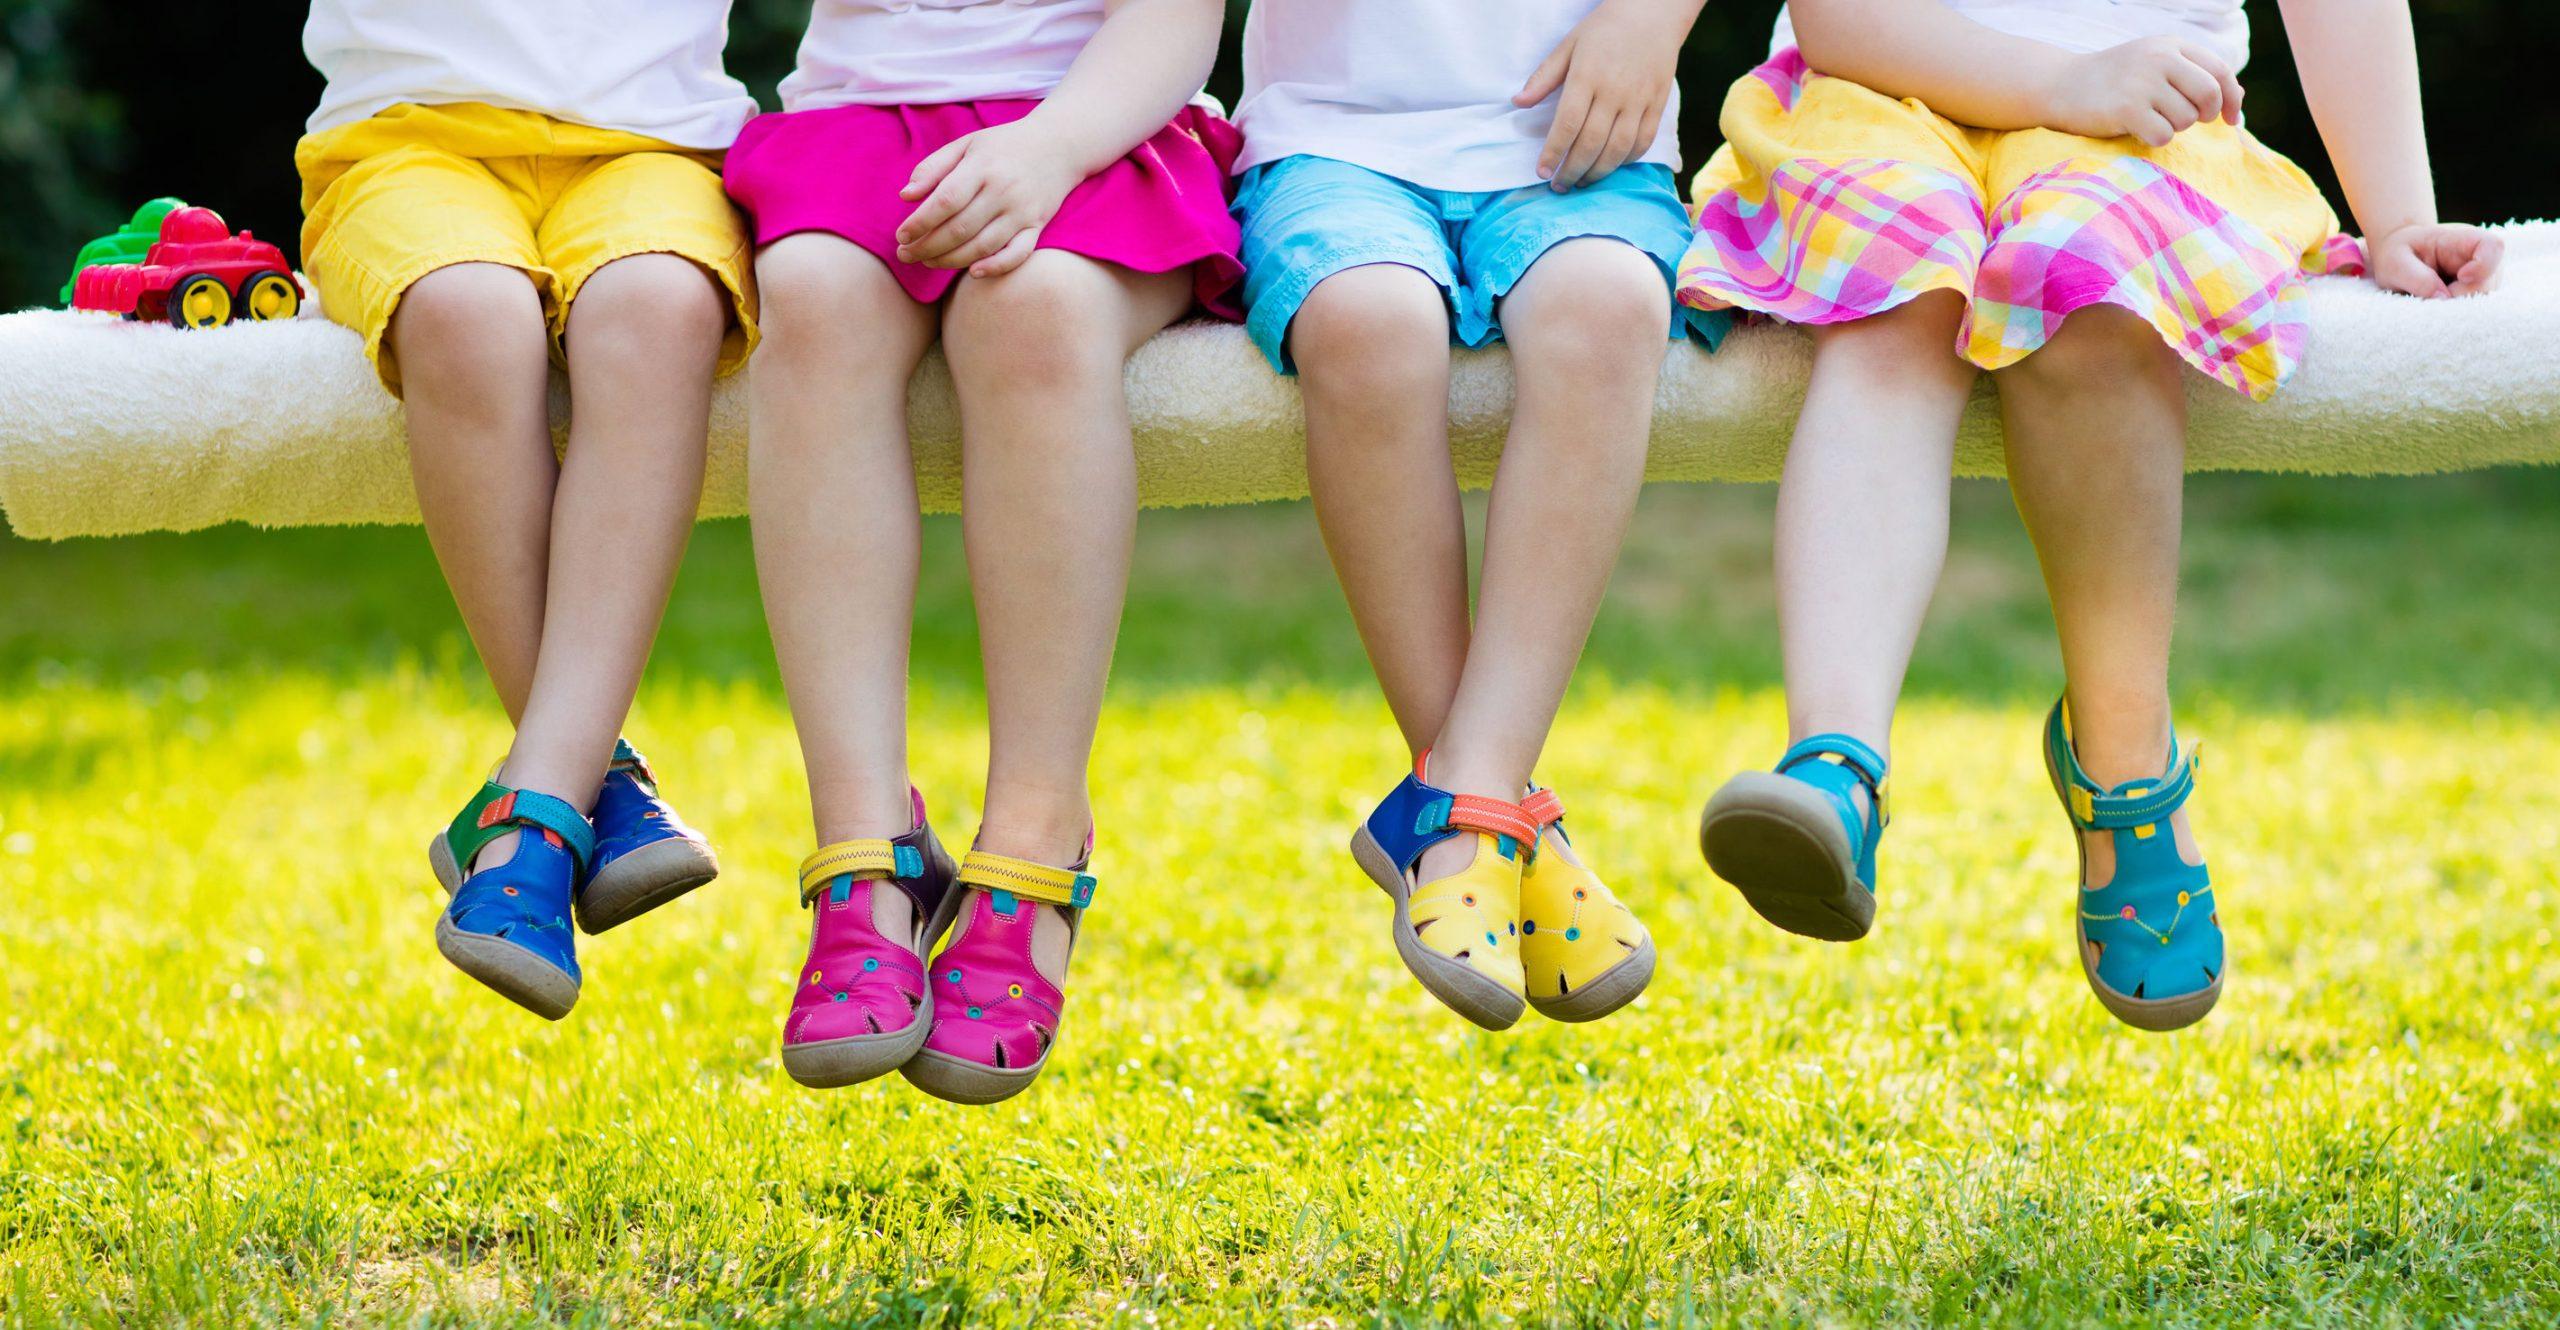 Duas meninas posam para foto segurando sandálias